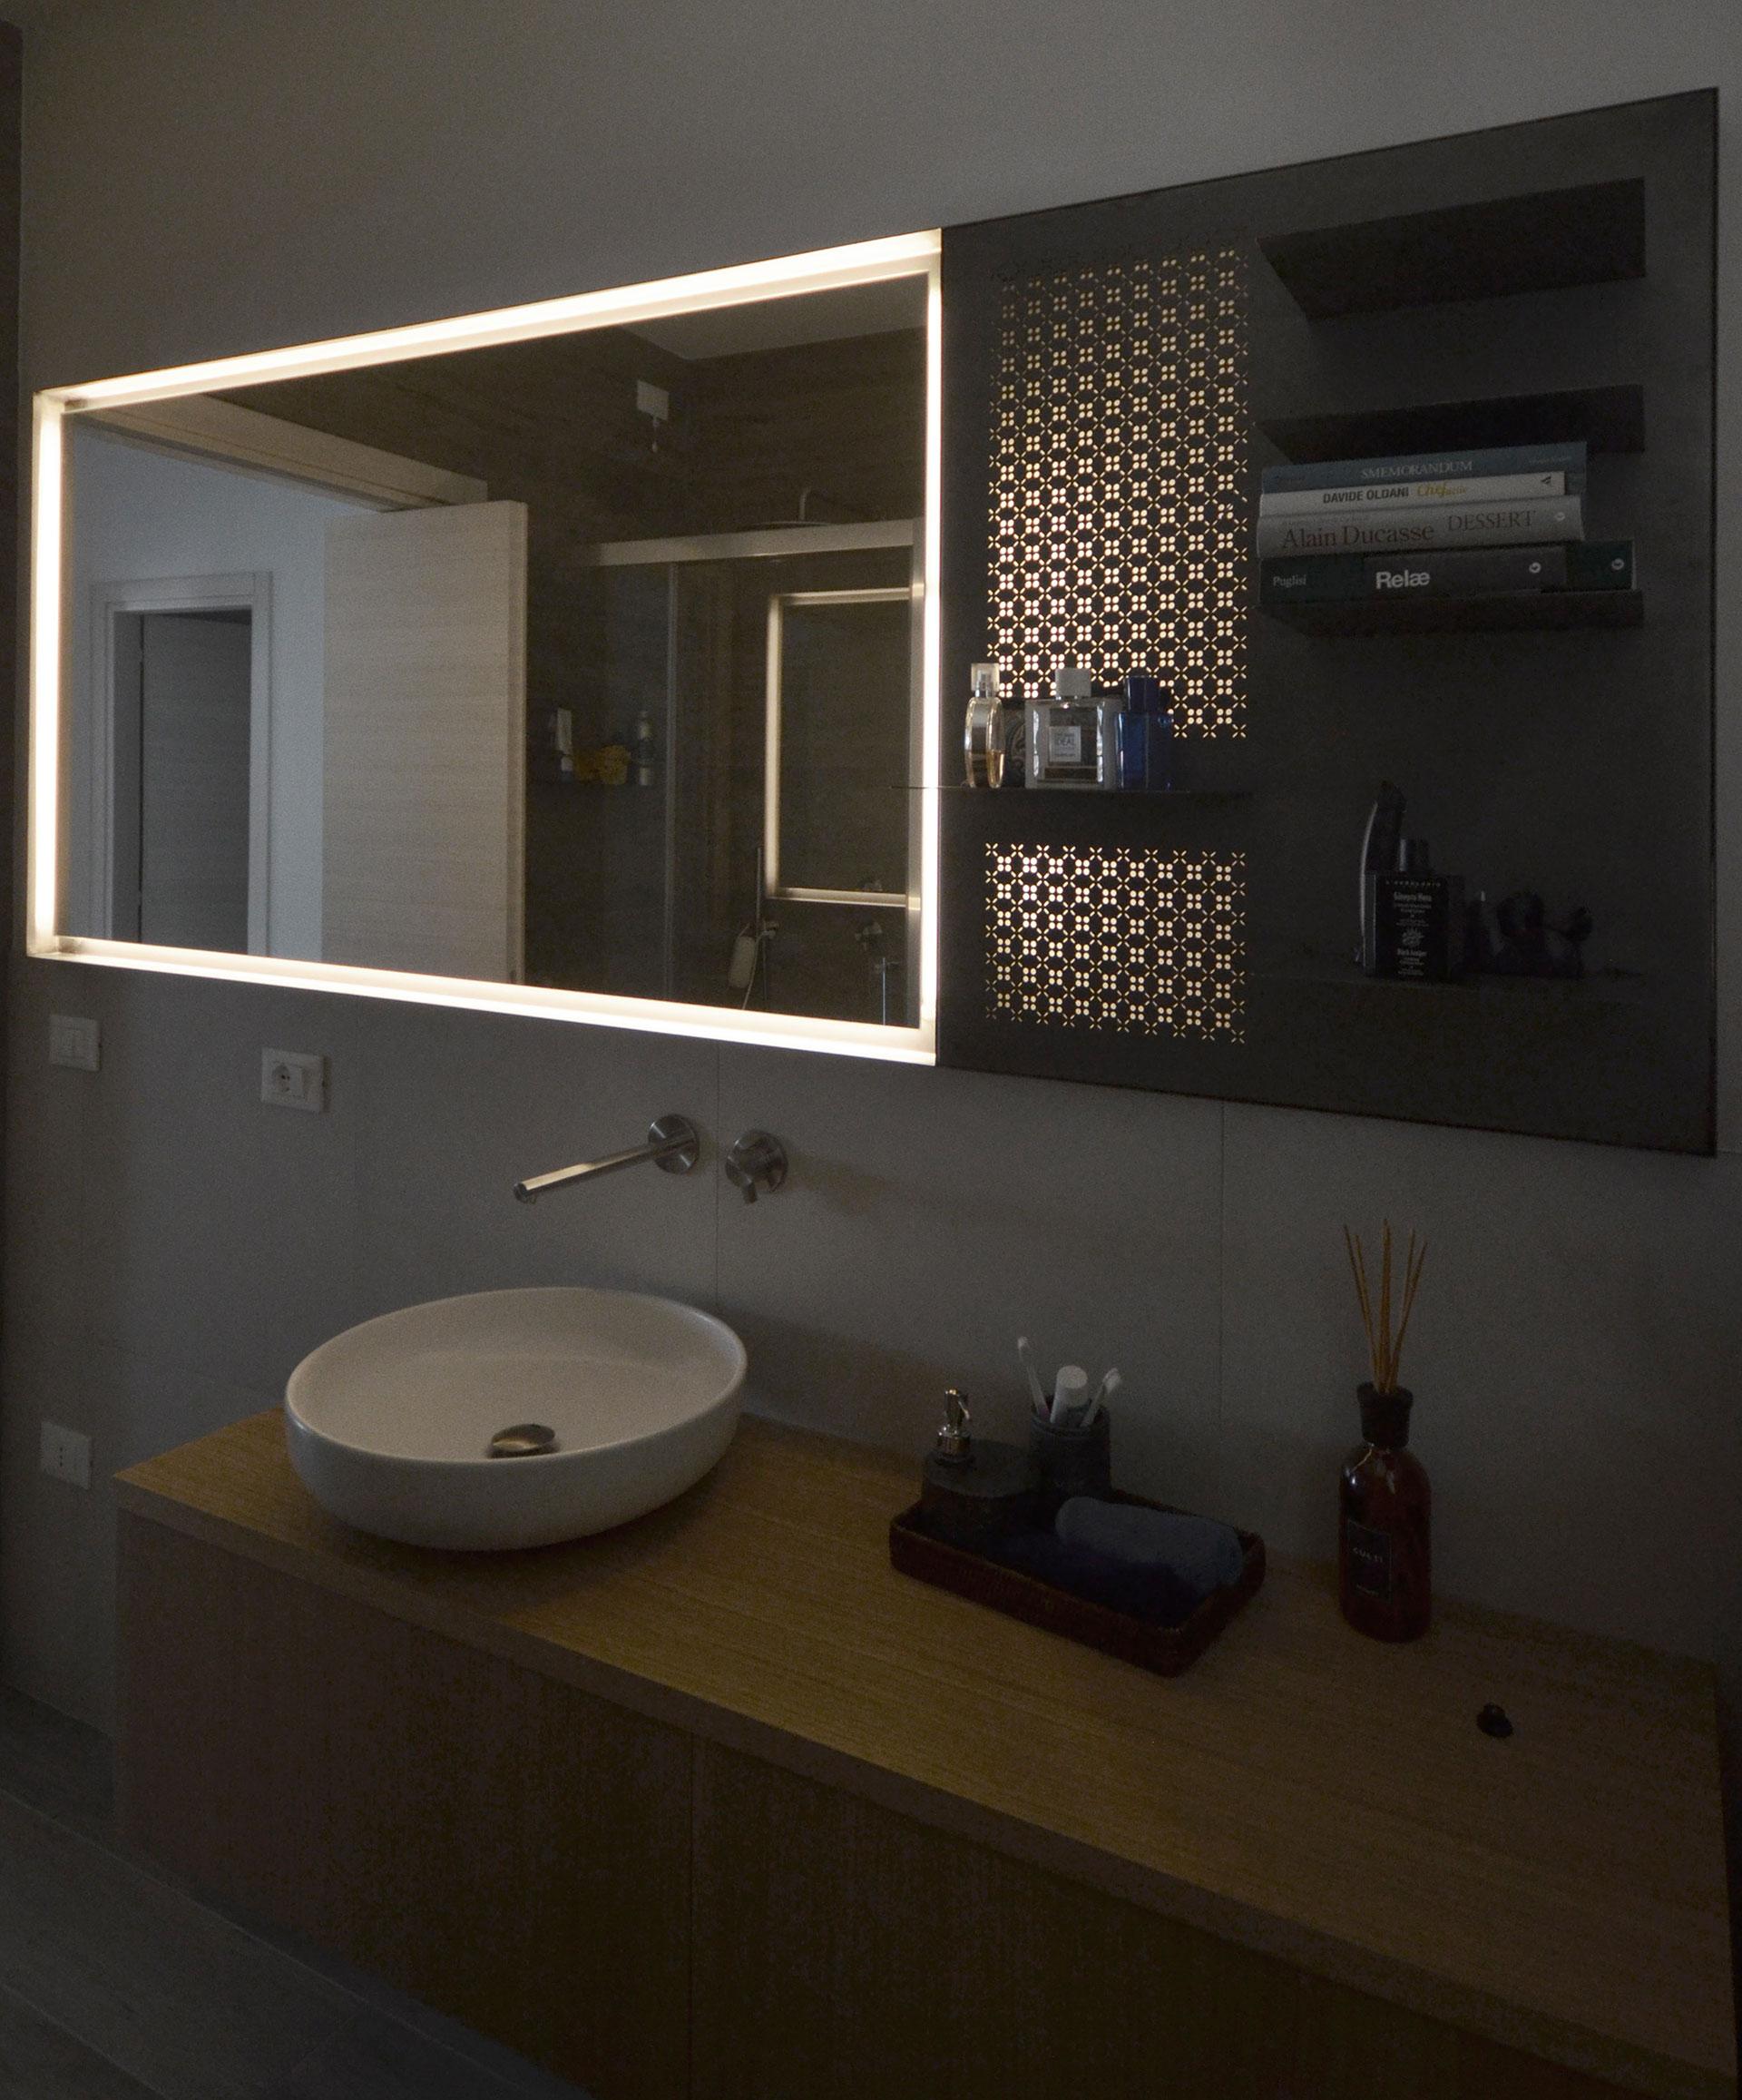 specchio. vista contrapposta con luce accesa